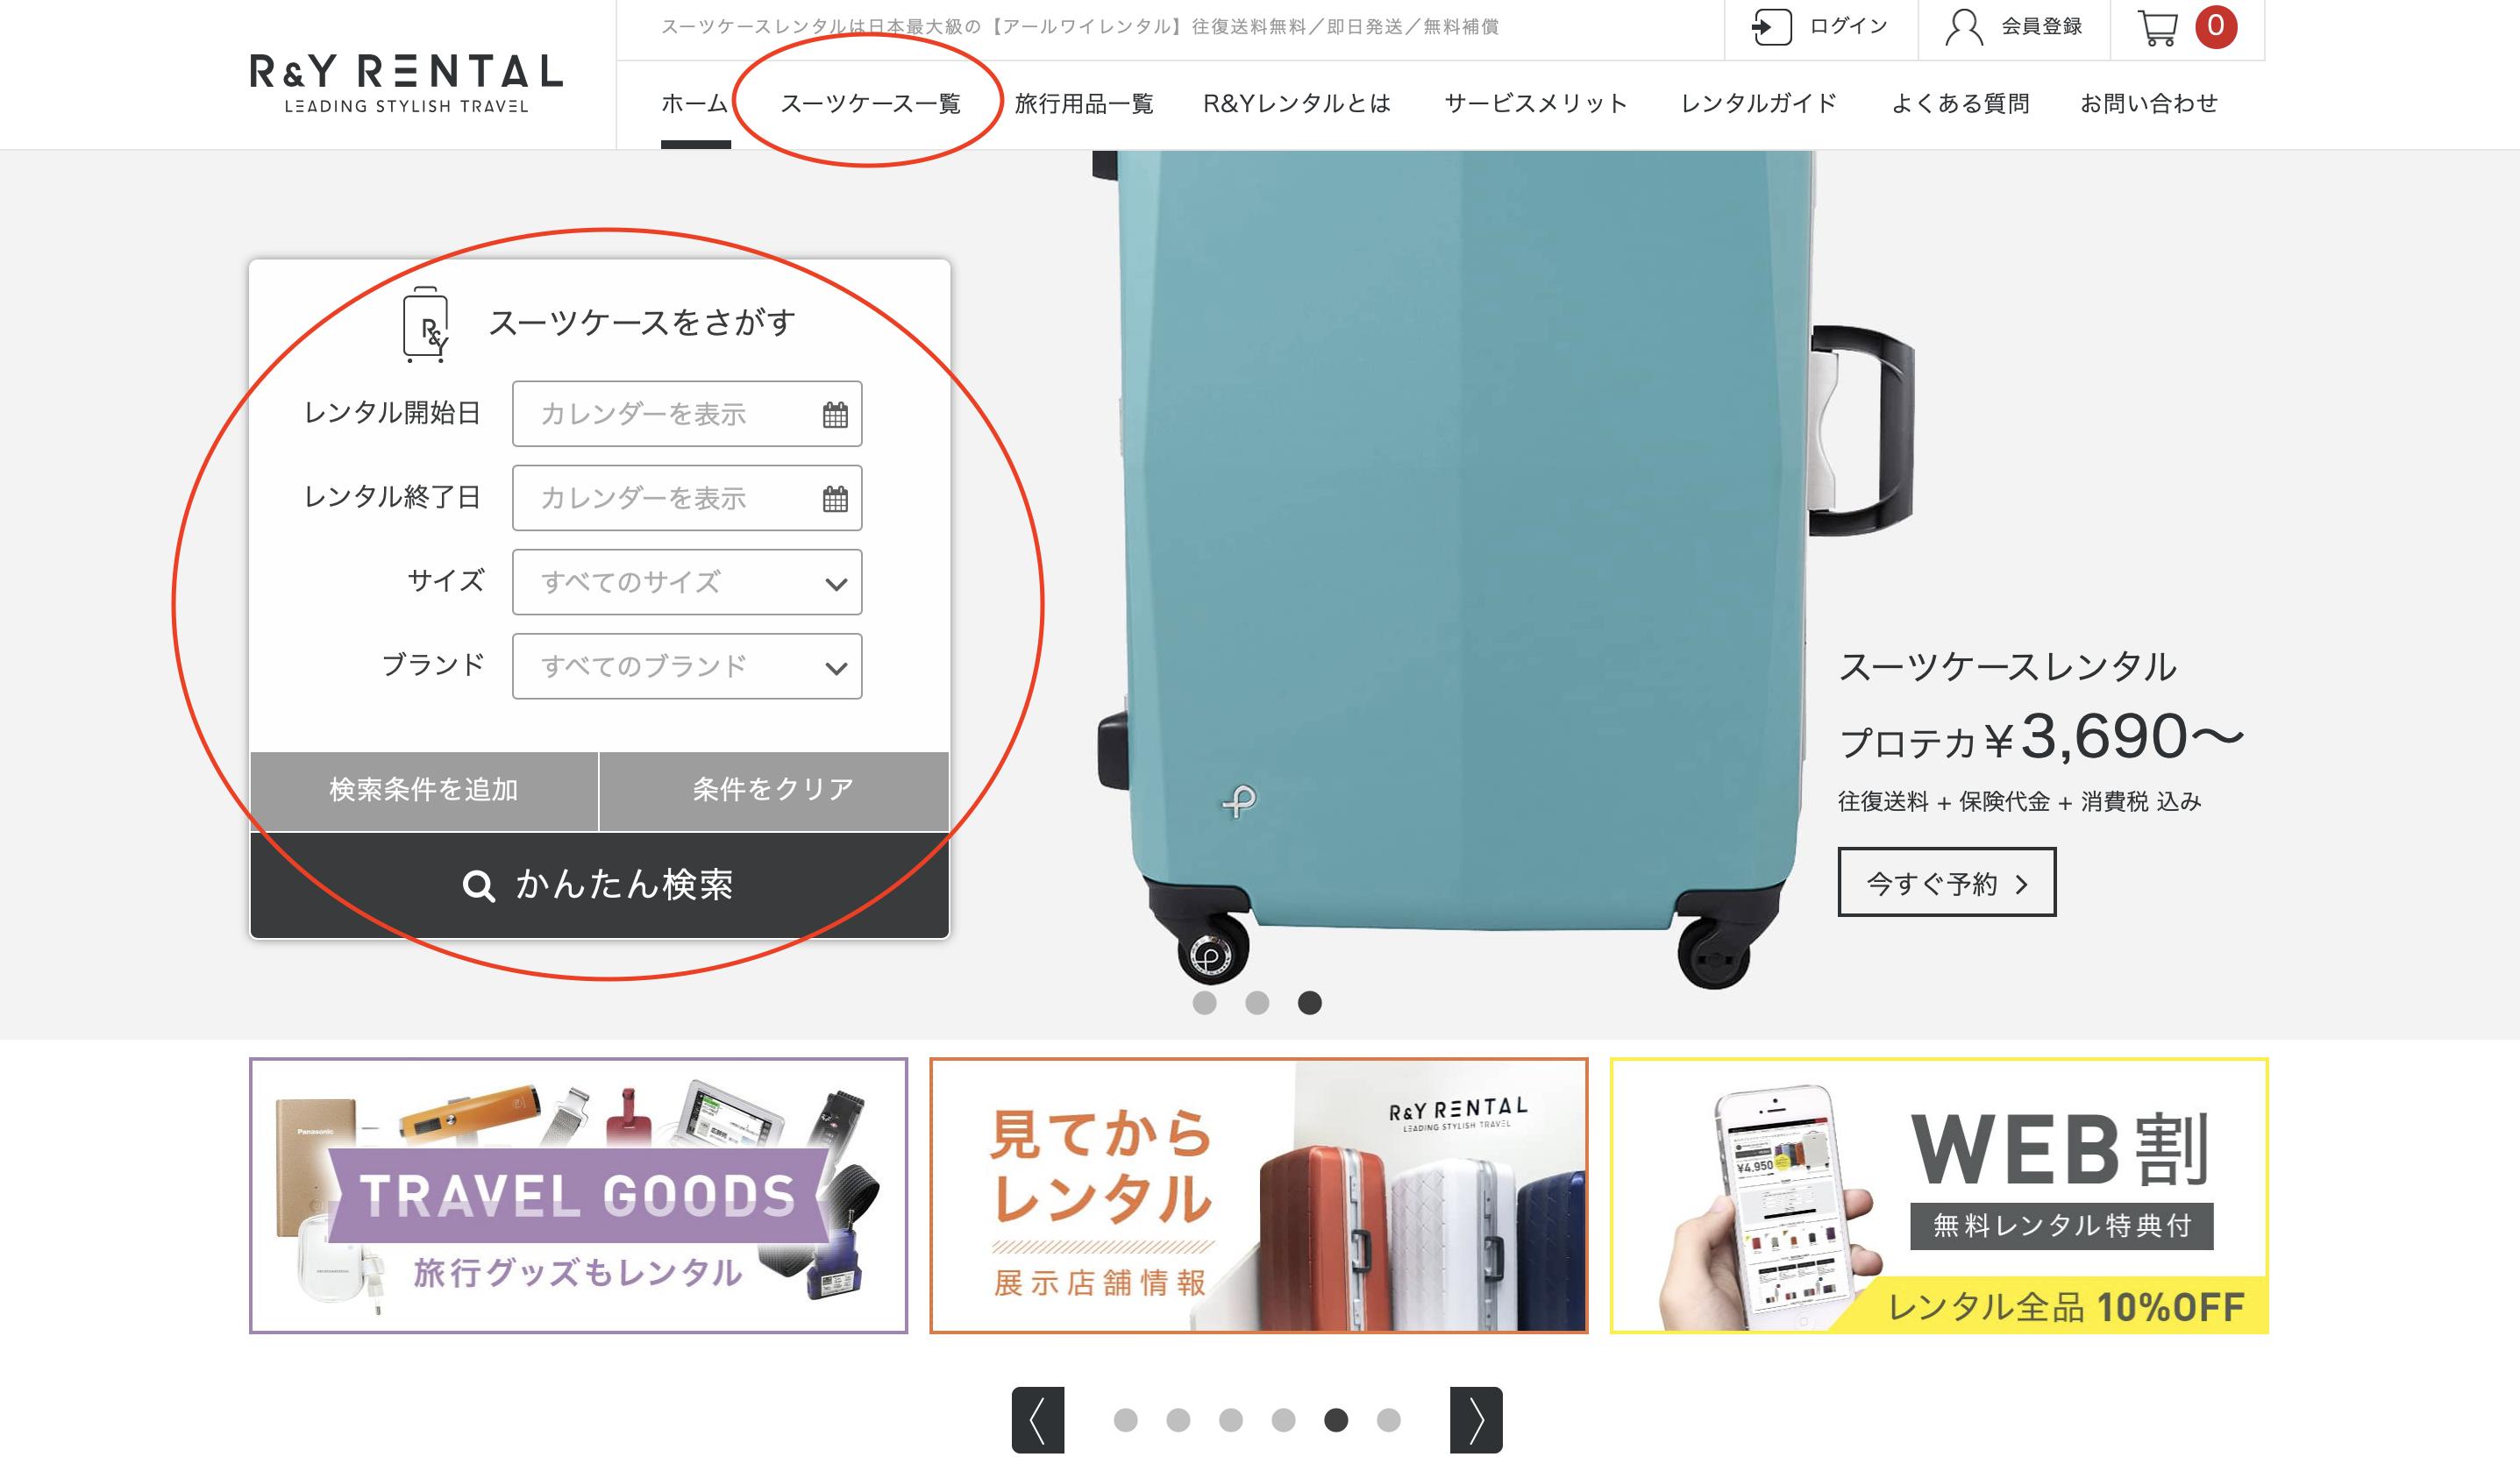 アールワイレンタル 予約画面